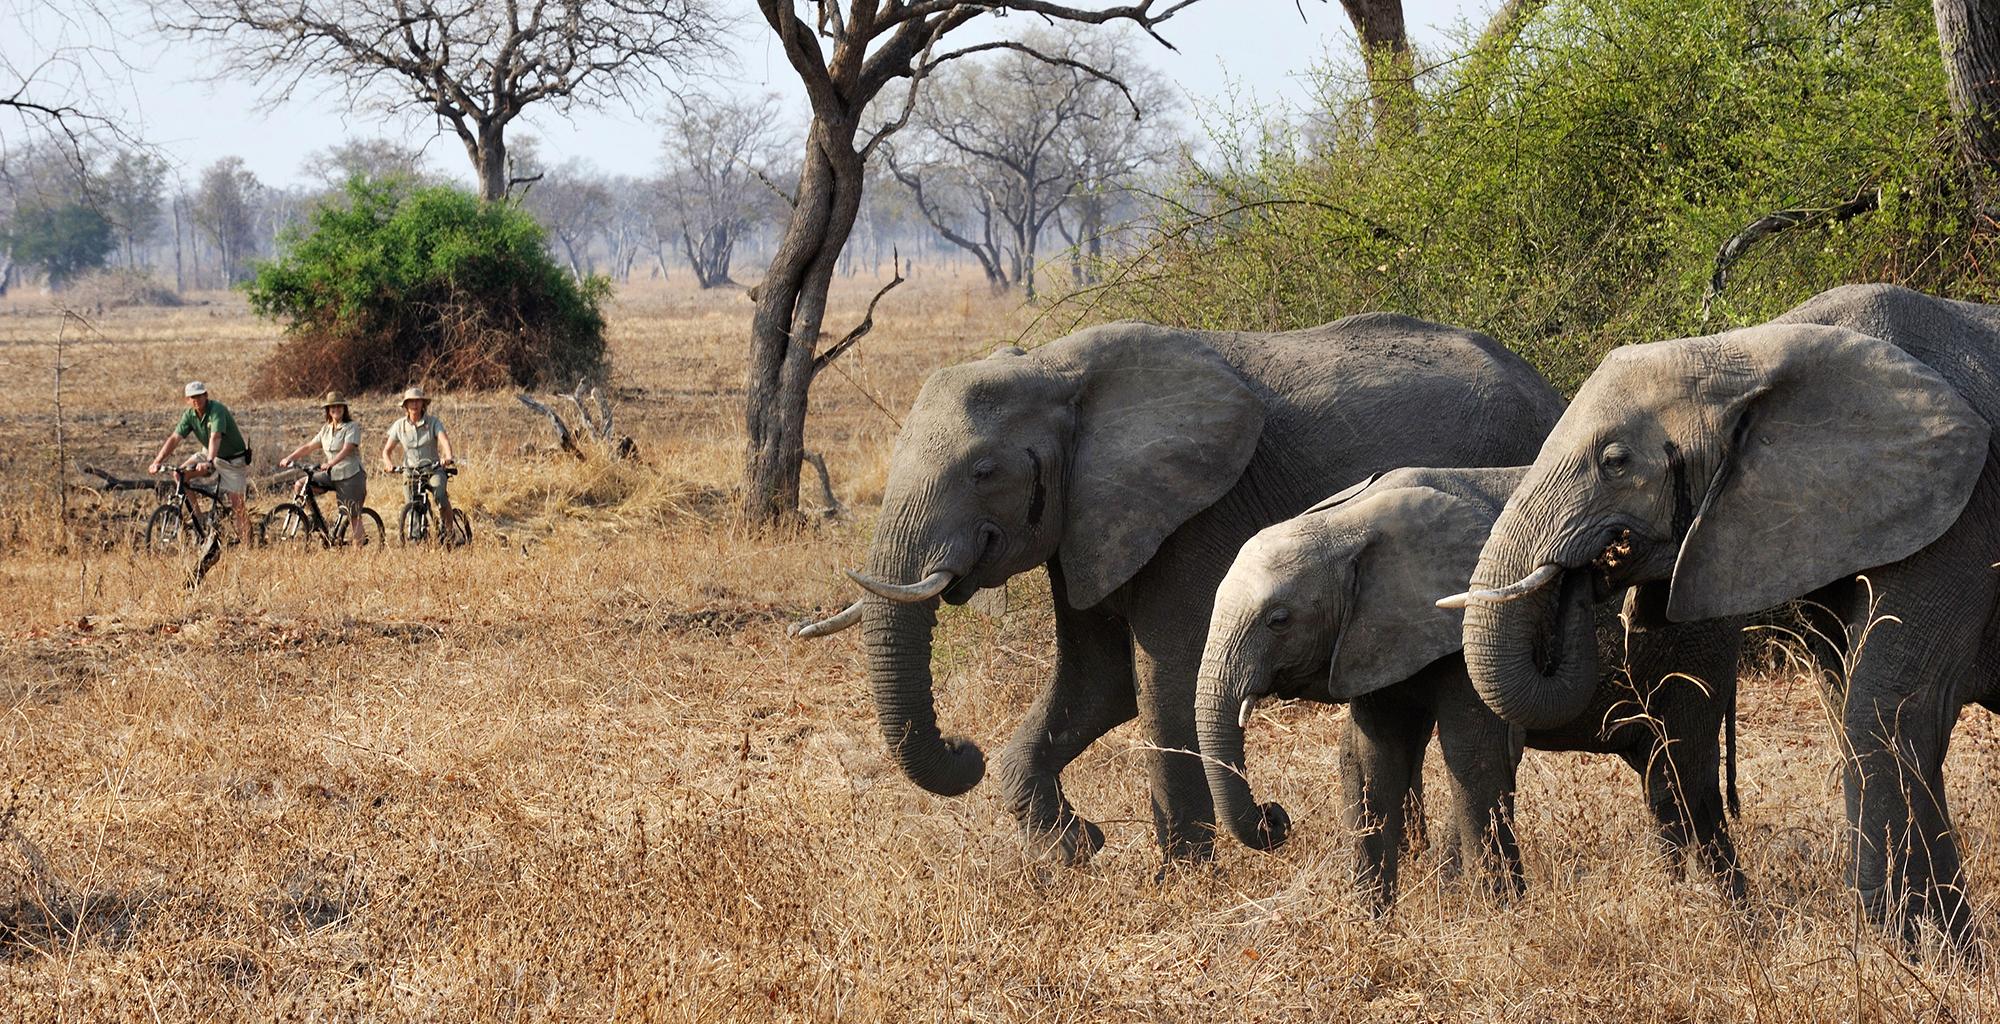 Zambia-Tafika-Camp-Wildlife-Elephant